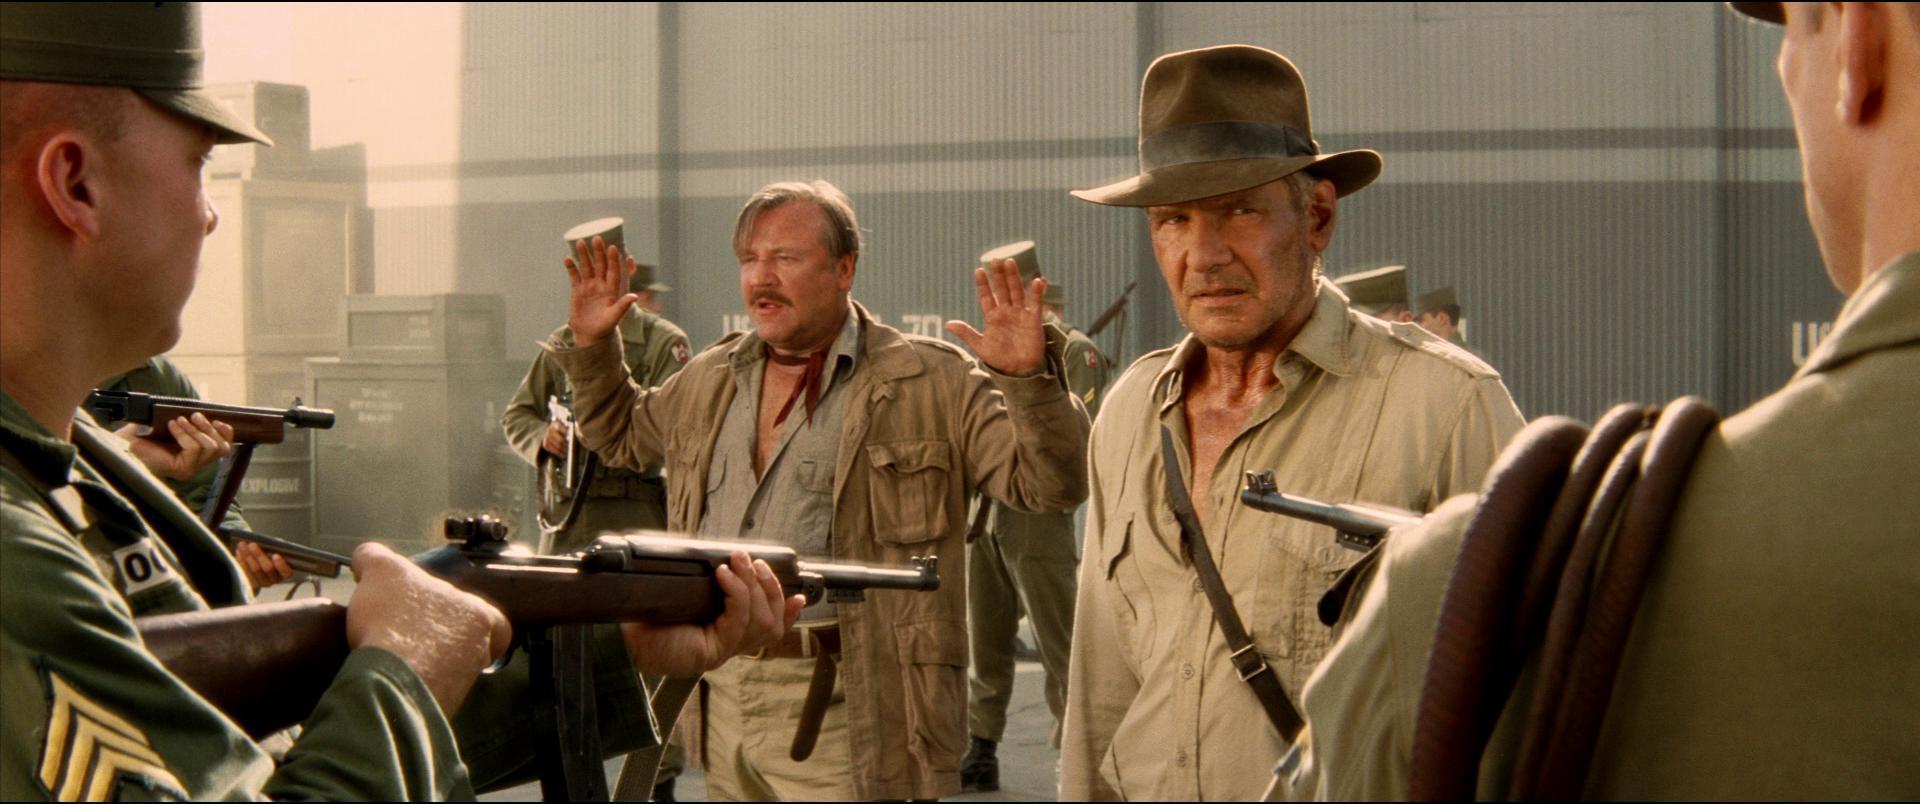 Steven Spielberg kommer inte regissera Indiana Jones 5 James Mangold kan ta över registolen